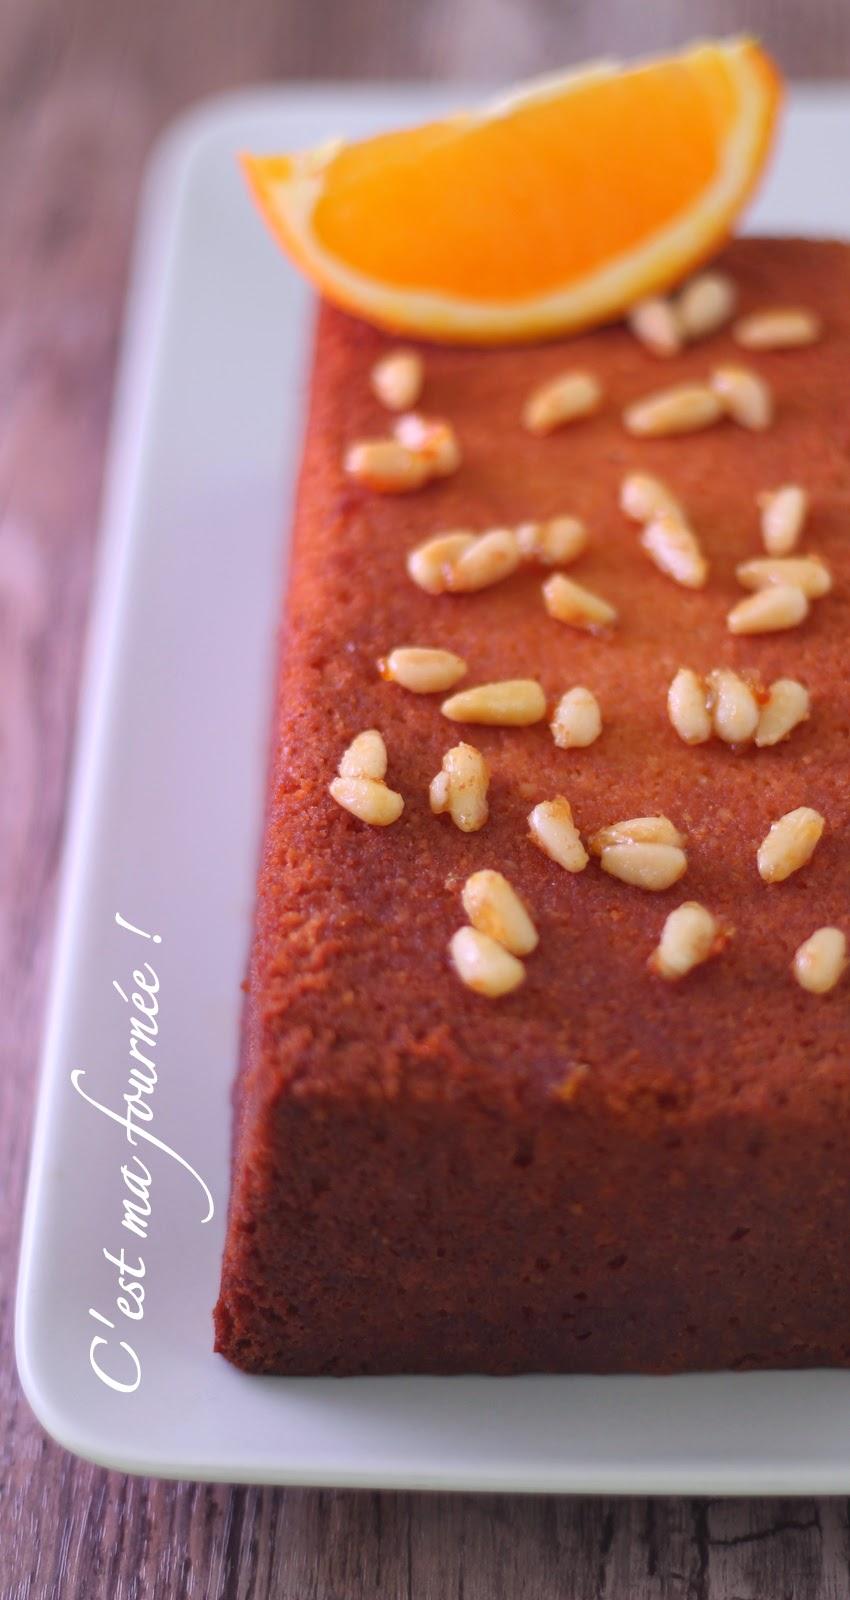 Le cake aux agrumes Michalak